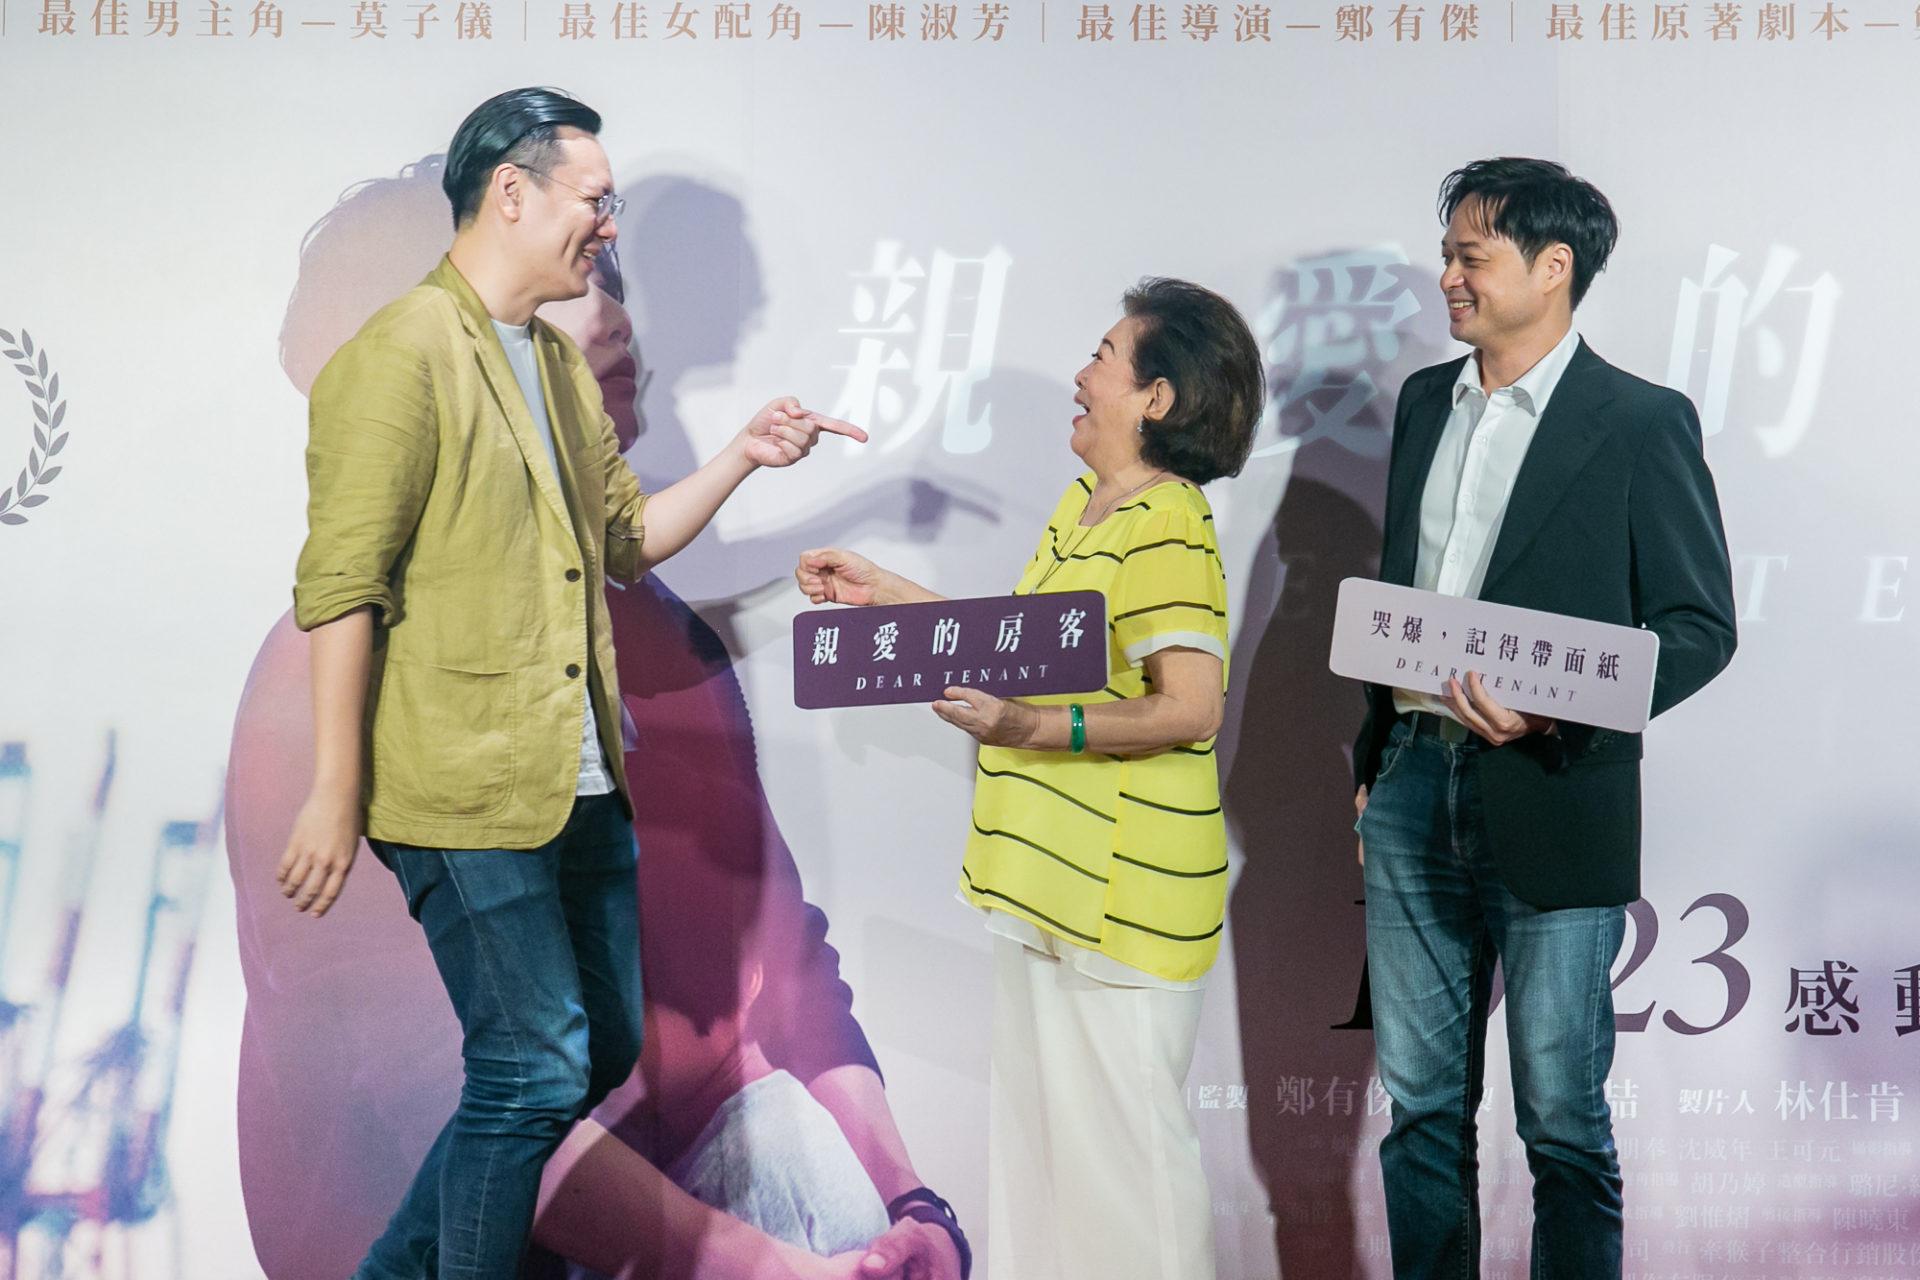 《親愛的房客》國片雙傑相挺助陳淑芳騎金馬 莫子儀活力獻聲情義相挺